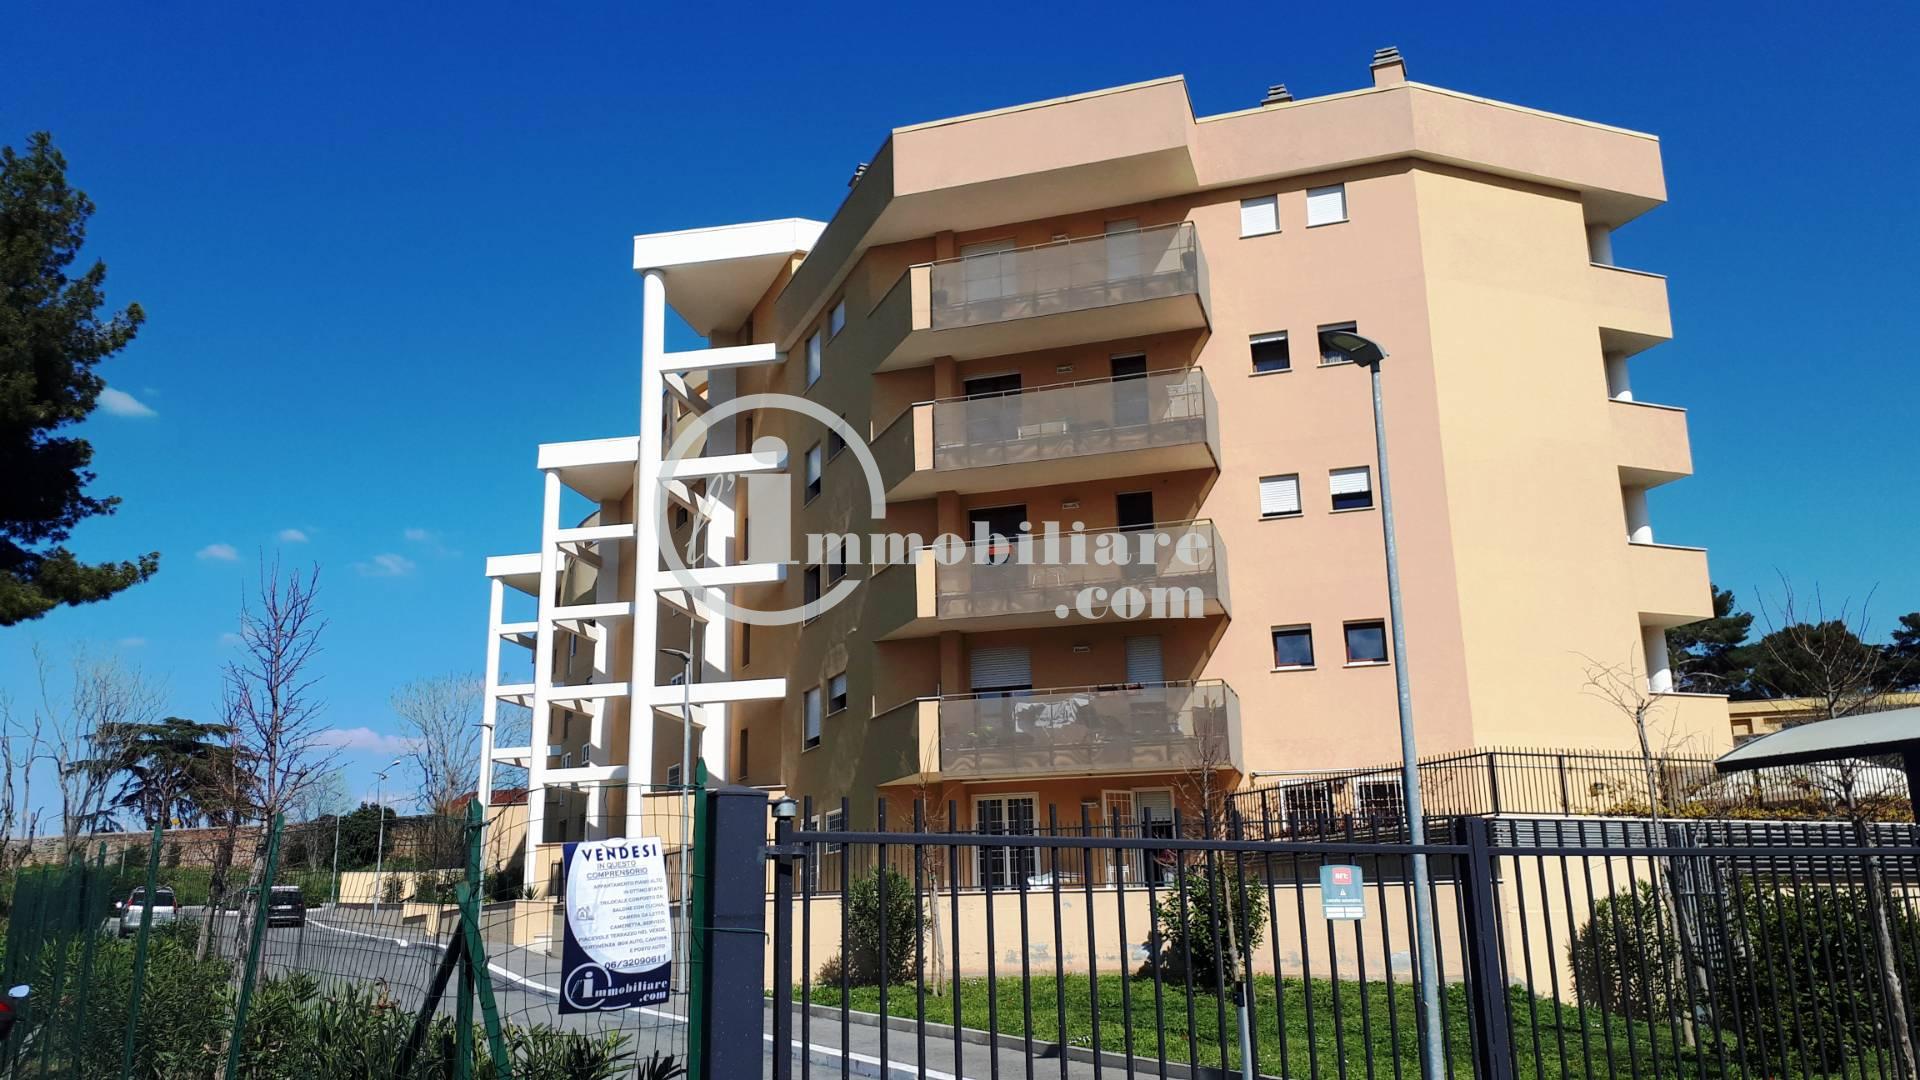 Appartamento in Vendita a Roma:  3 locali, 95 mq  - Foto 1